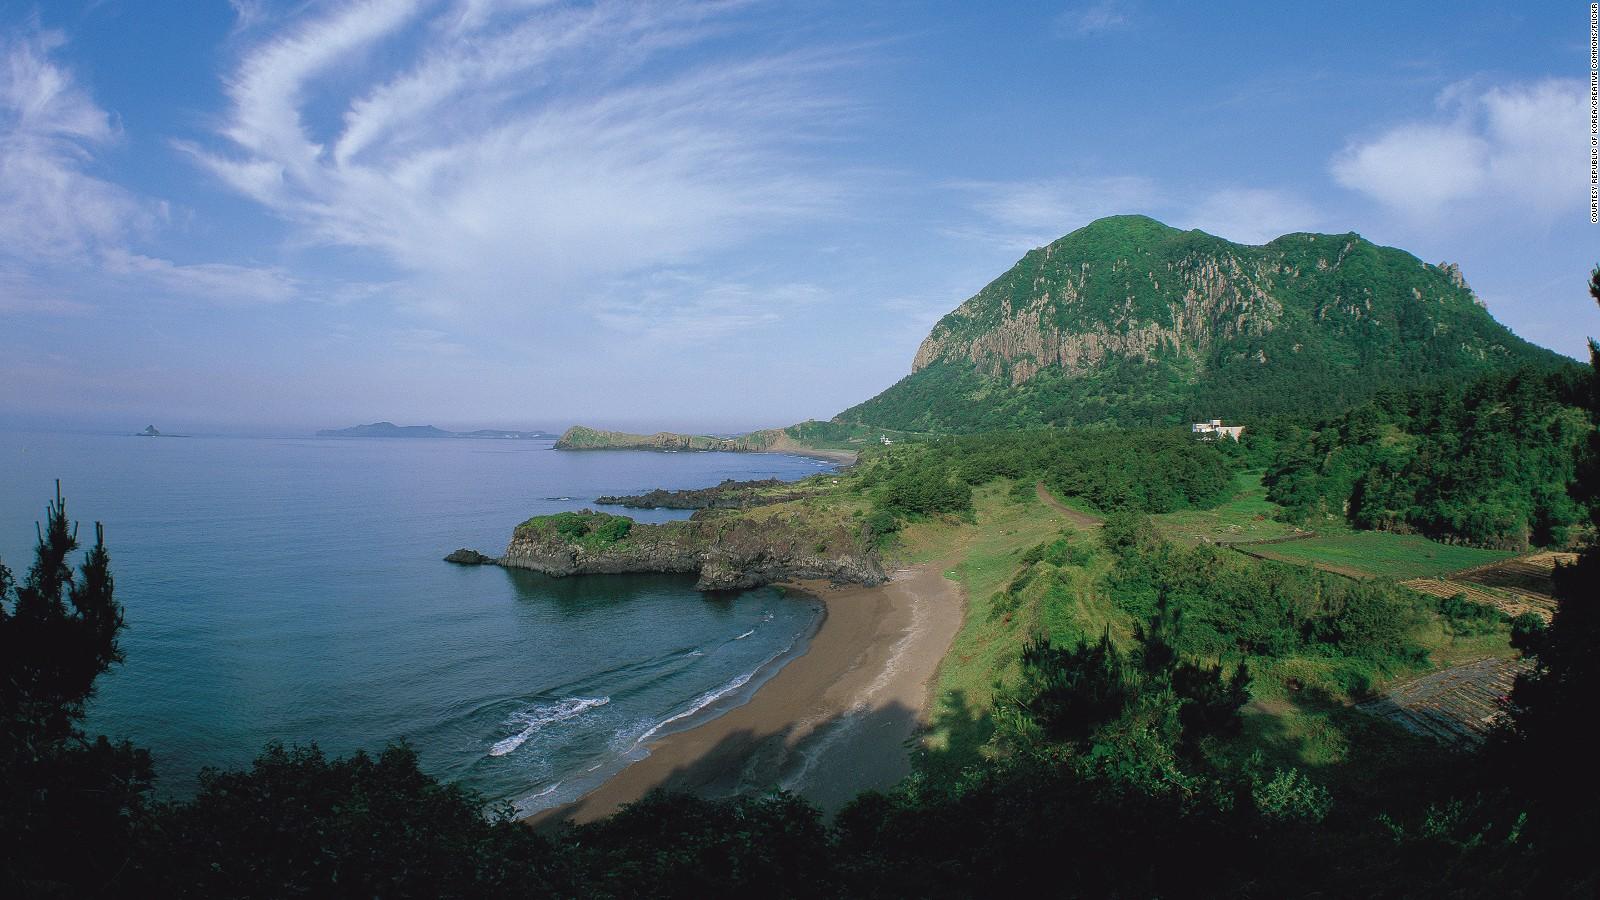 170317145424-jeju-island-full-169.jpg